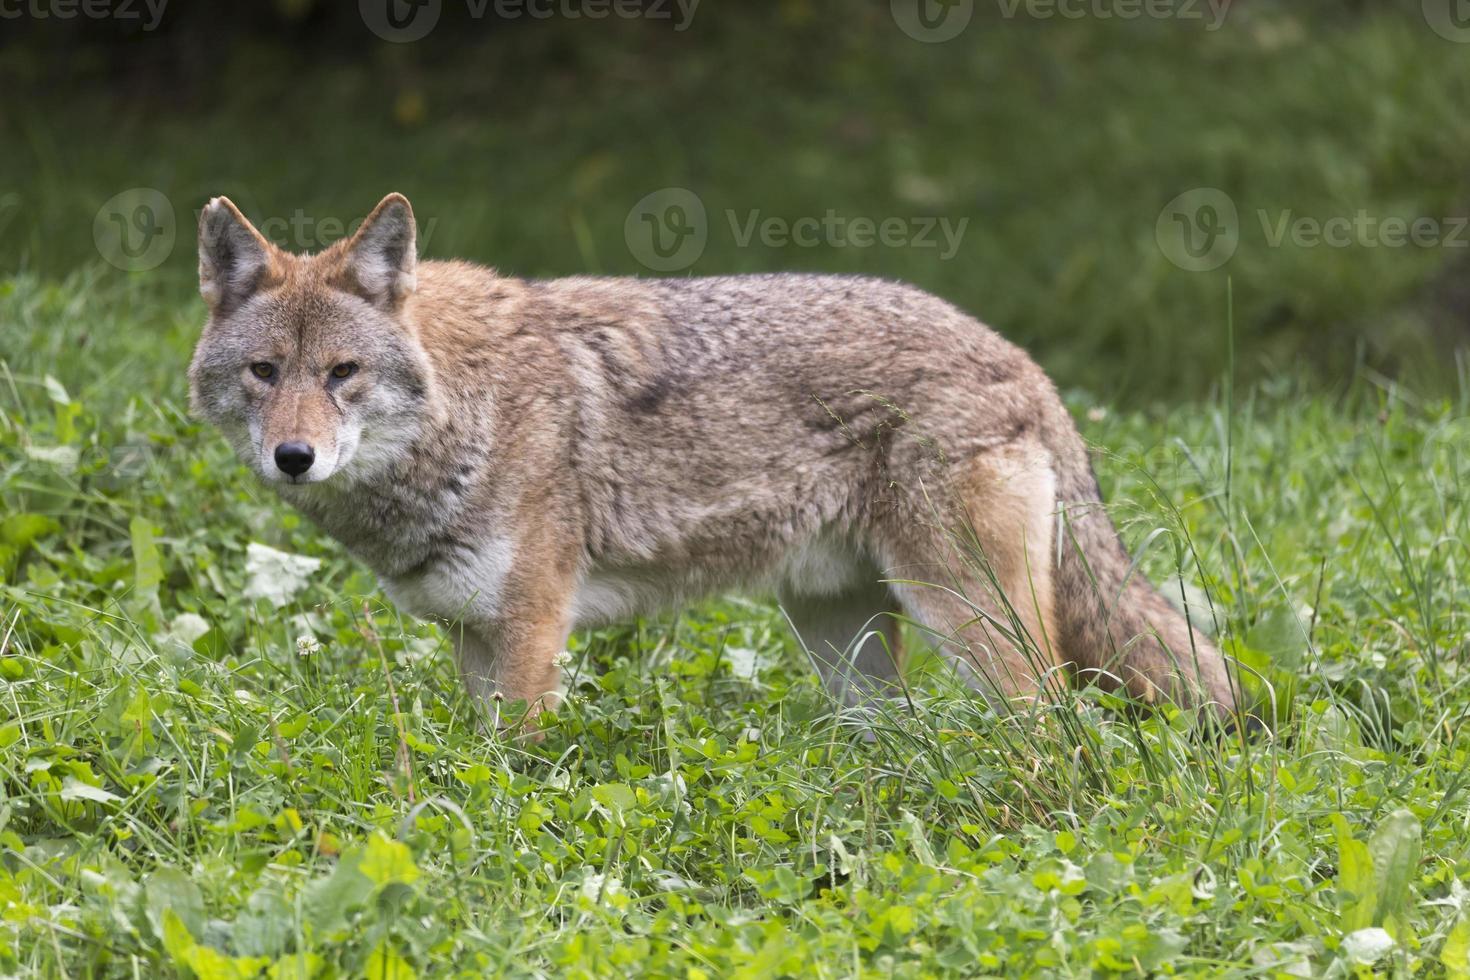 Coyote solitario en un entorno de otoño foto